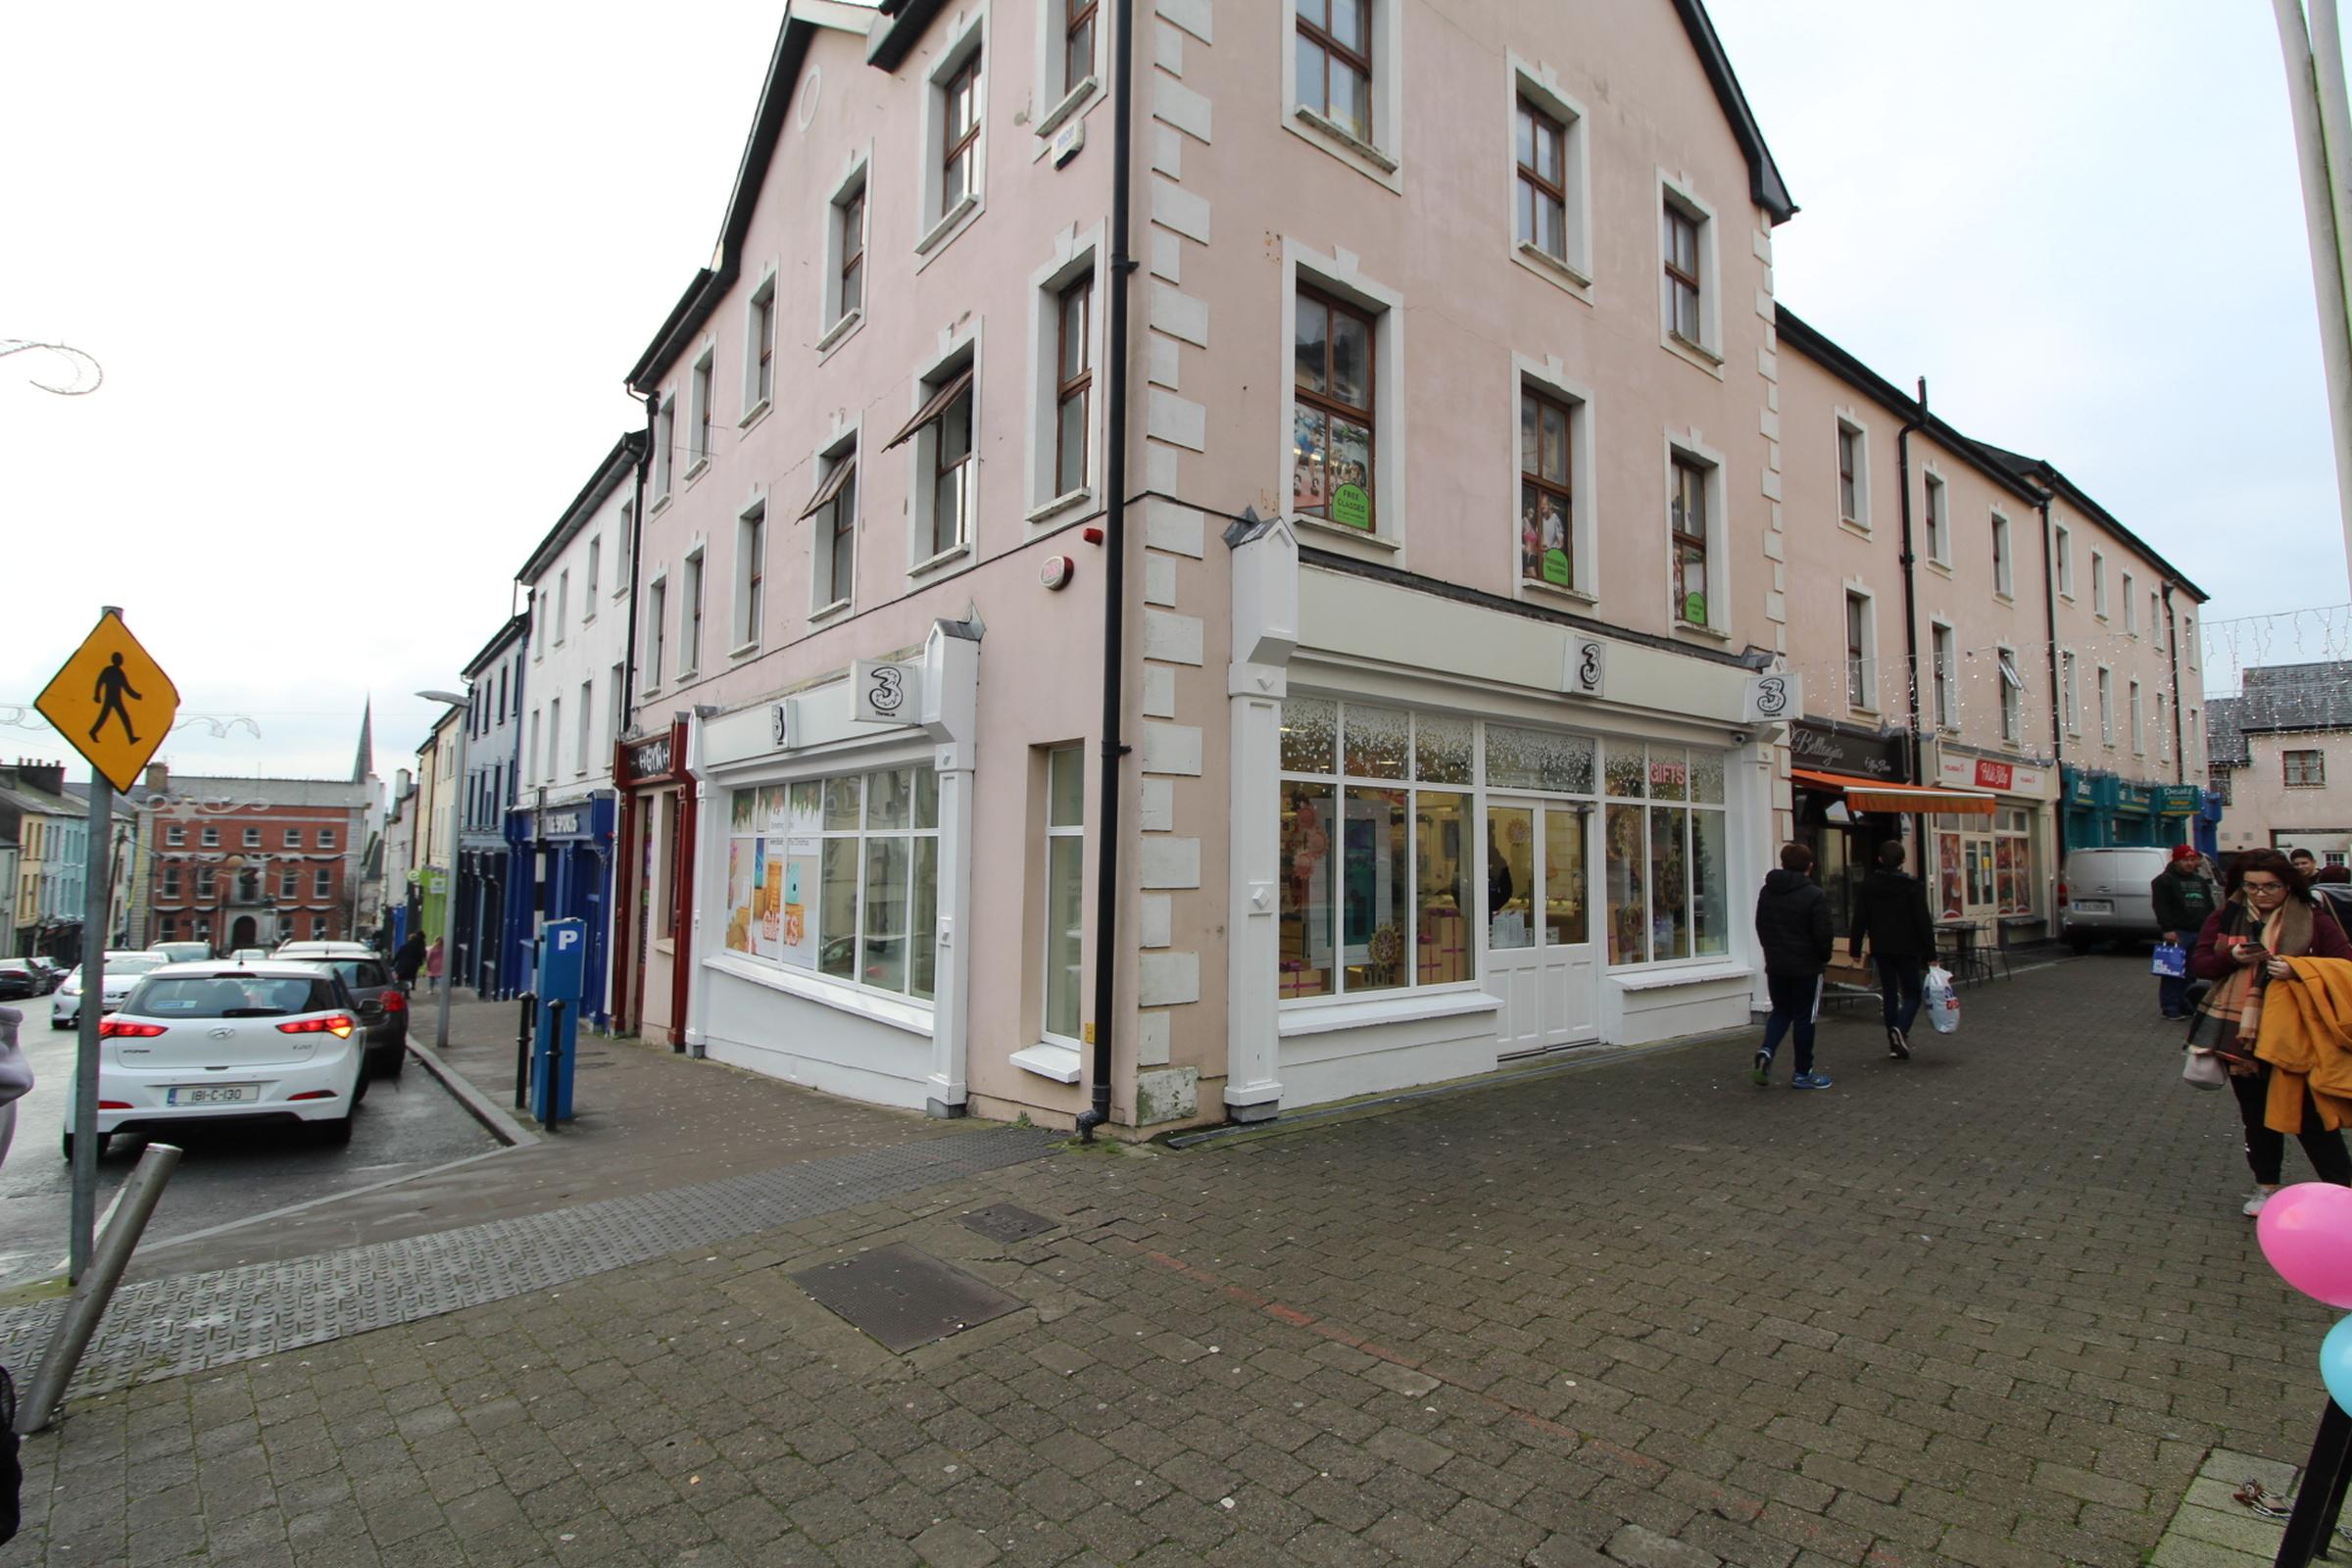 Unit 5.1, Market Square, O'Brien St, Mallow, Co. Cork